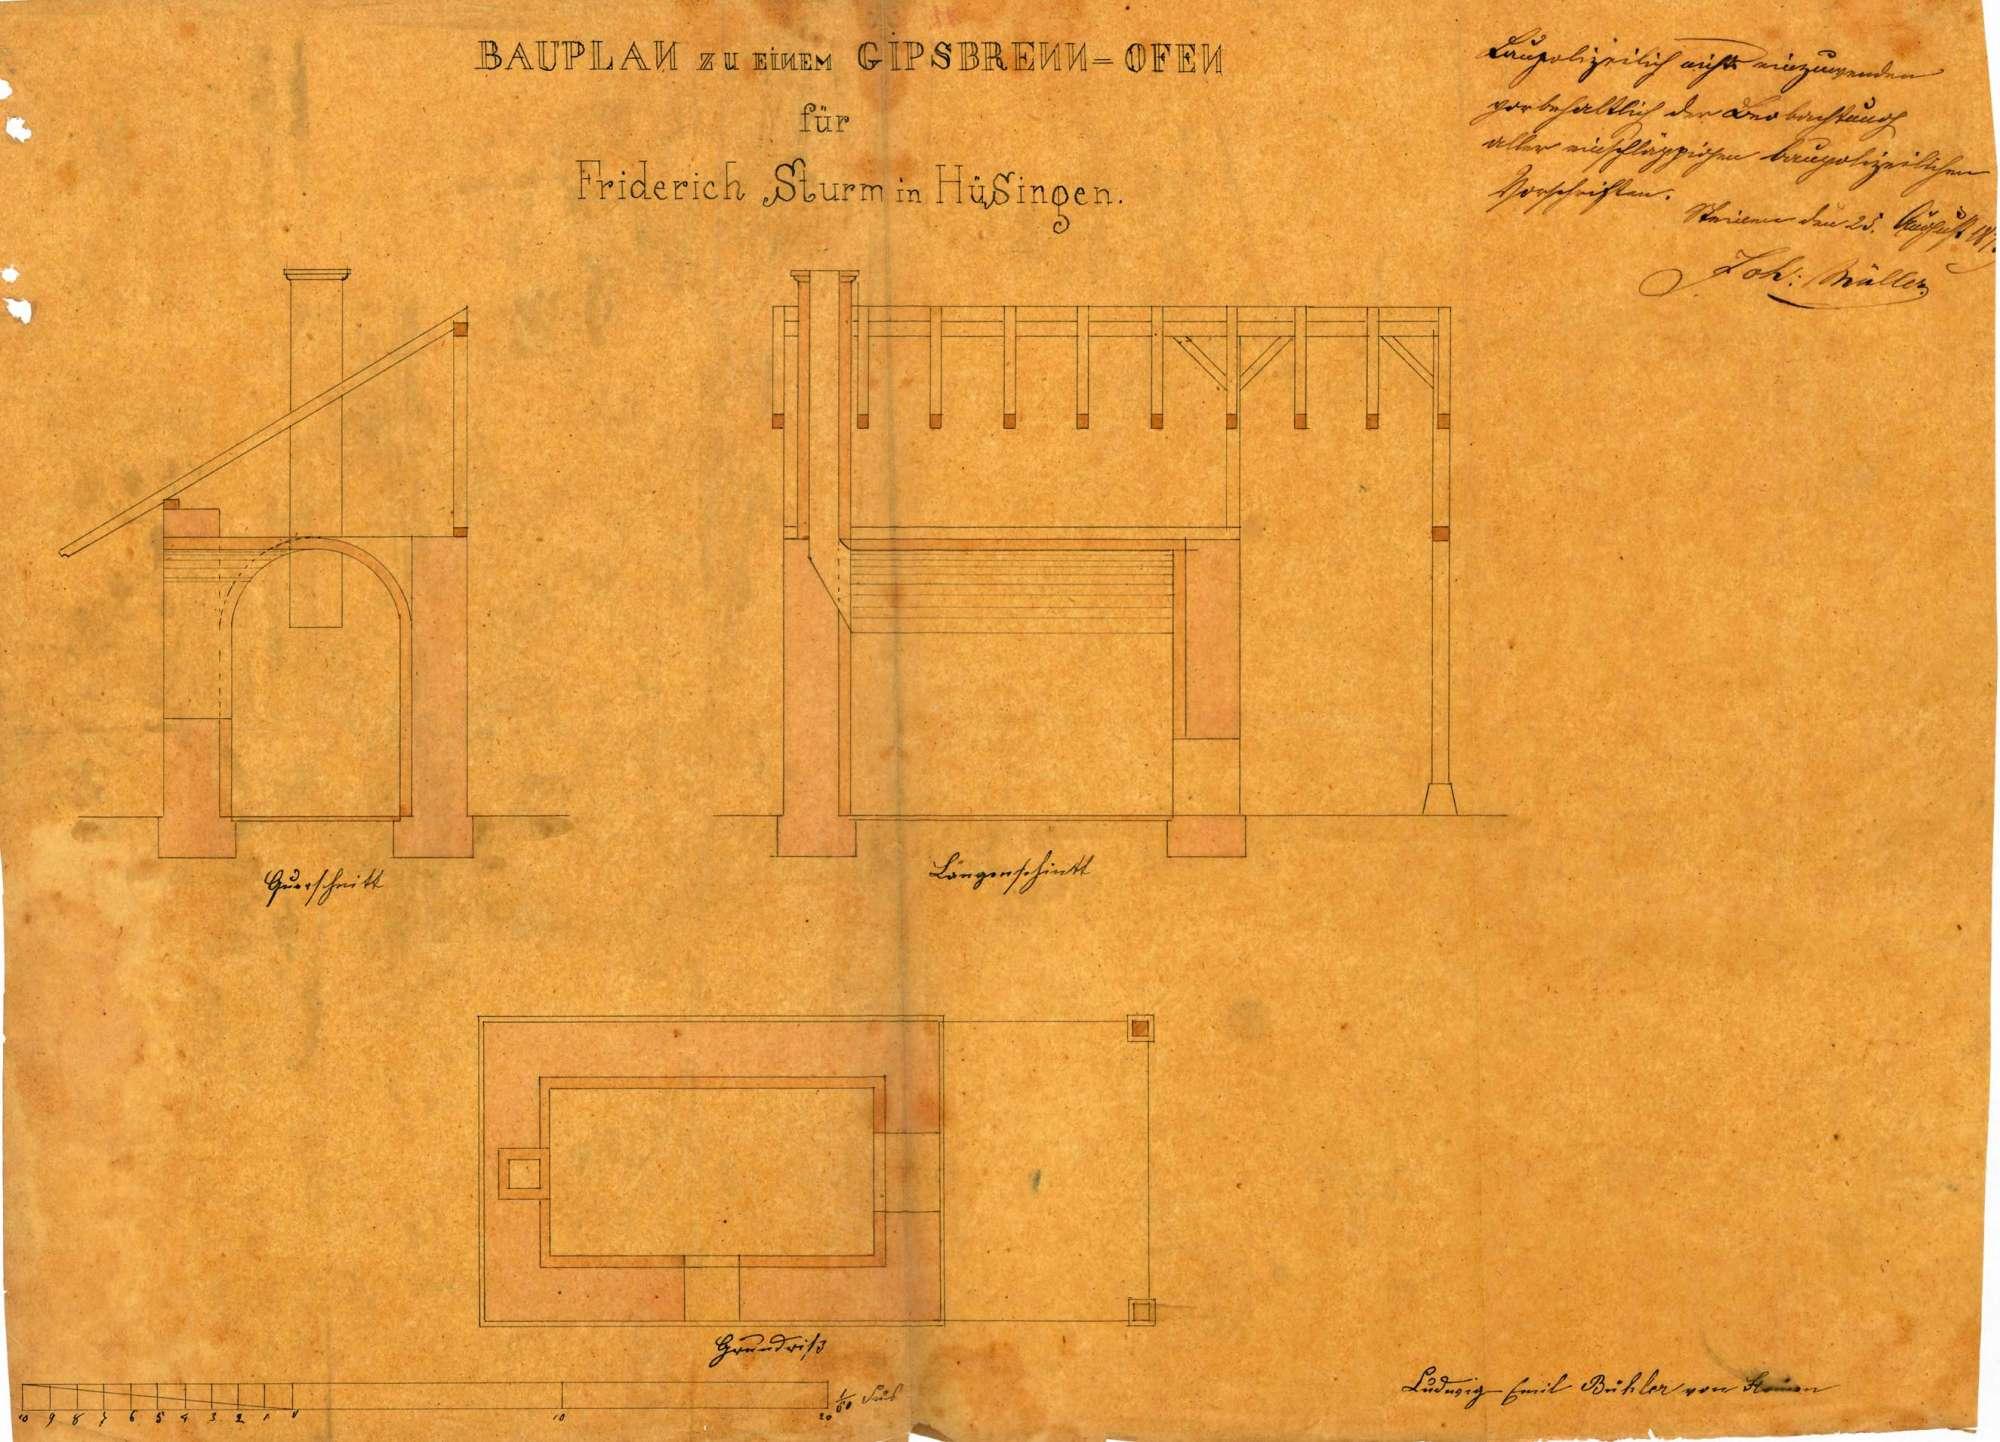 Gesuch des Johann Friedrich Sturm von Hüsingen um Genehmigung zur Errichtung eines Gipsofens, einer Gipsstampfe sowie einer Kanalanlage zum Betrieb der Stampfe, Bild 2